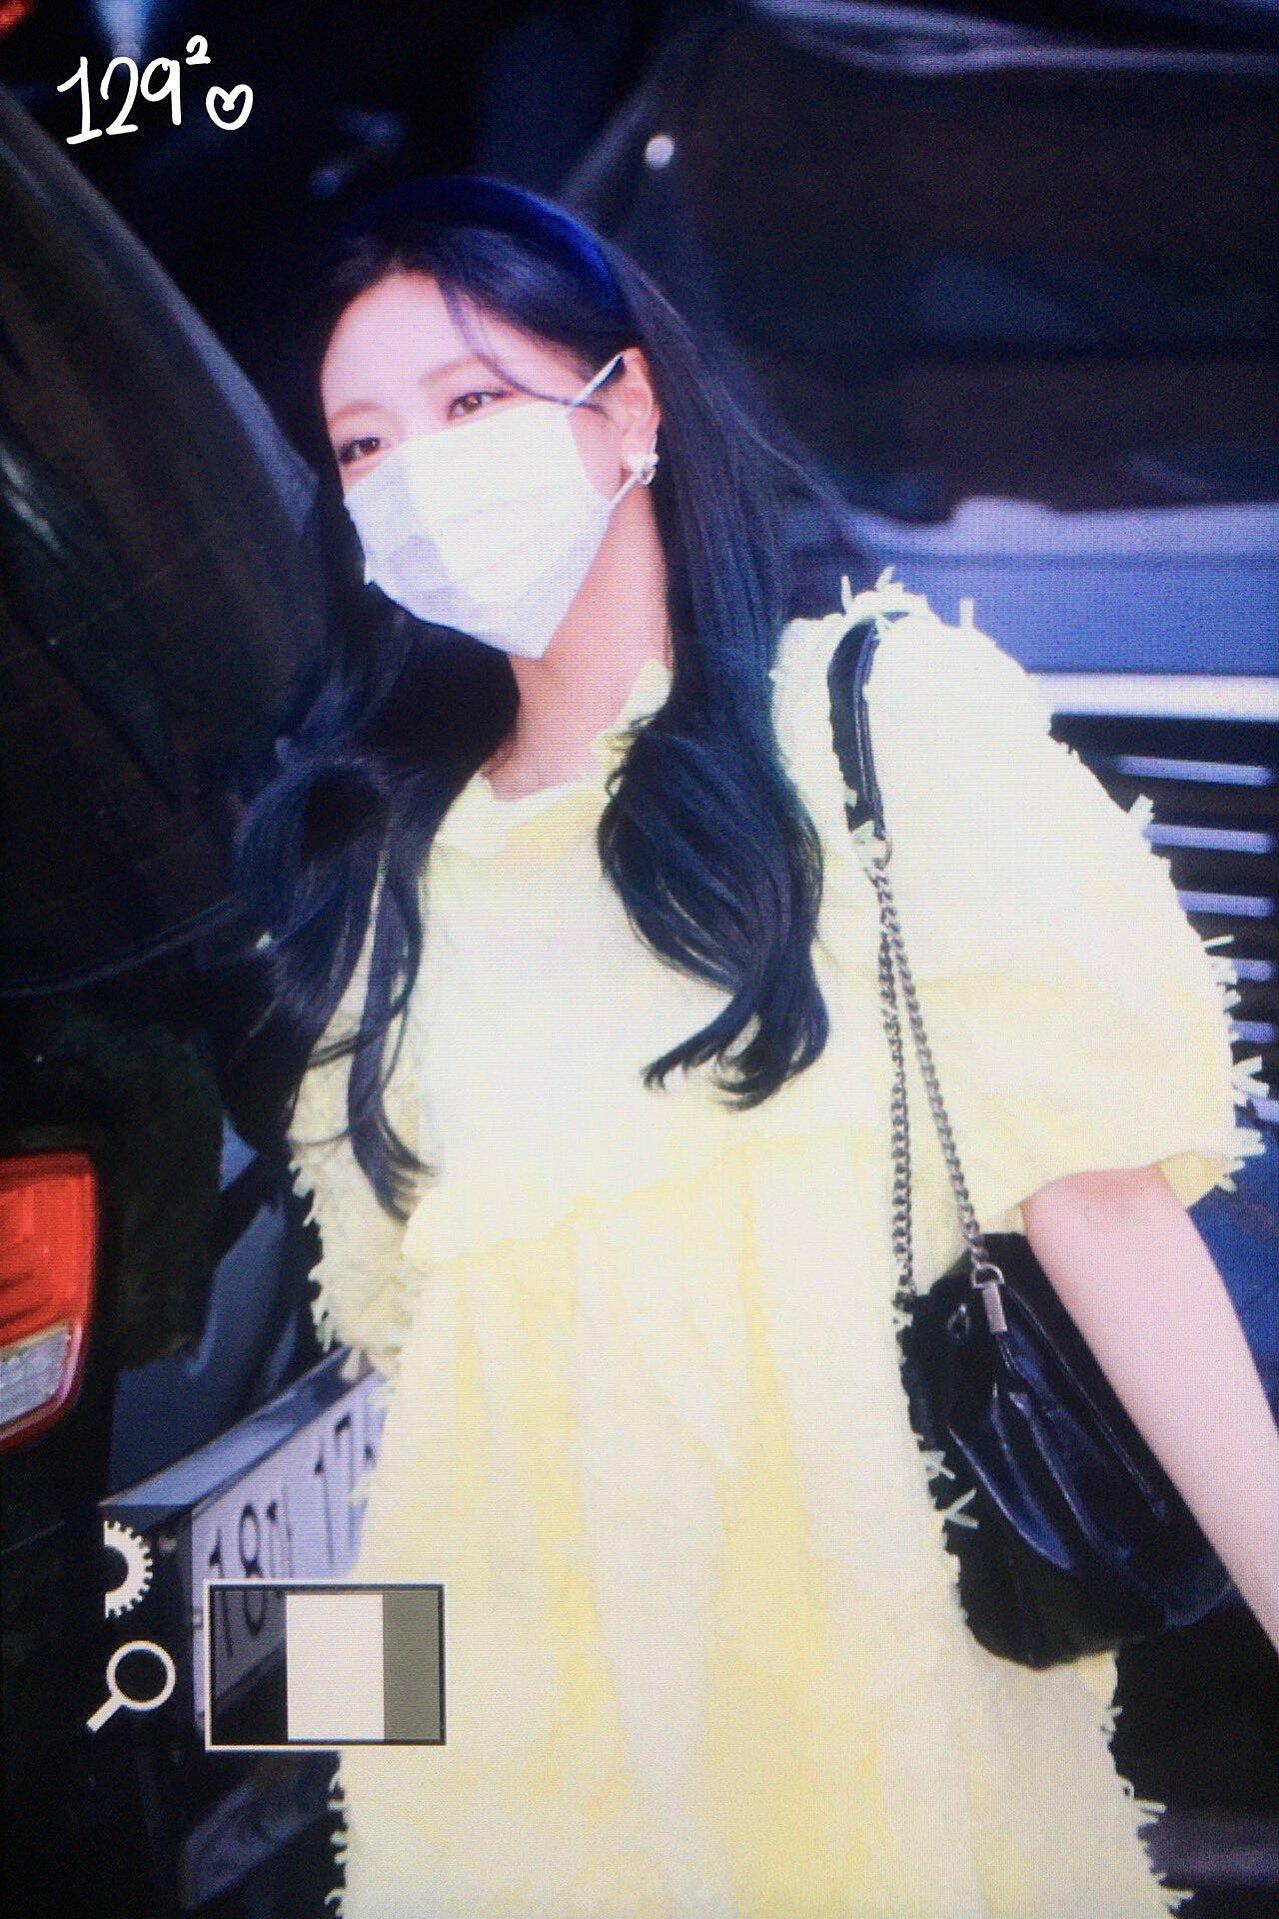 Bộ váy oversize khiến Yuna trông như bà bầu.